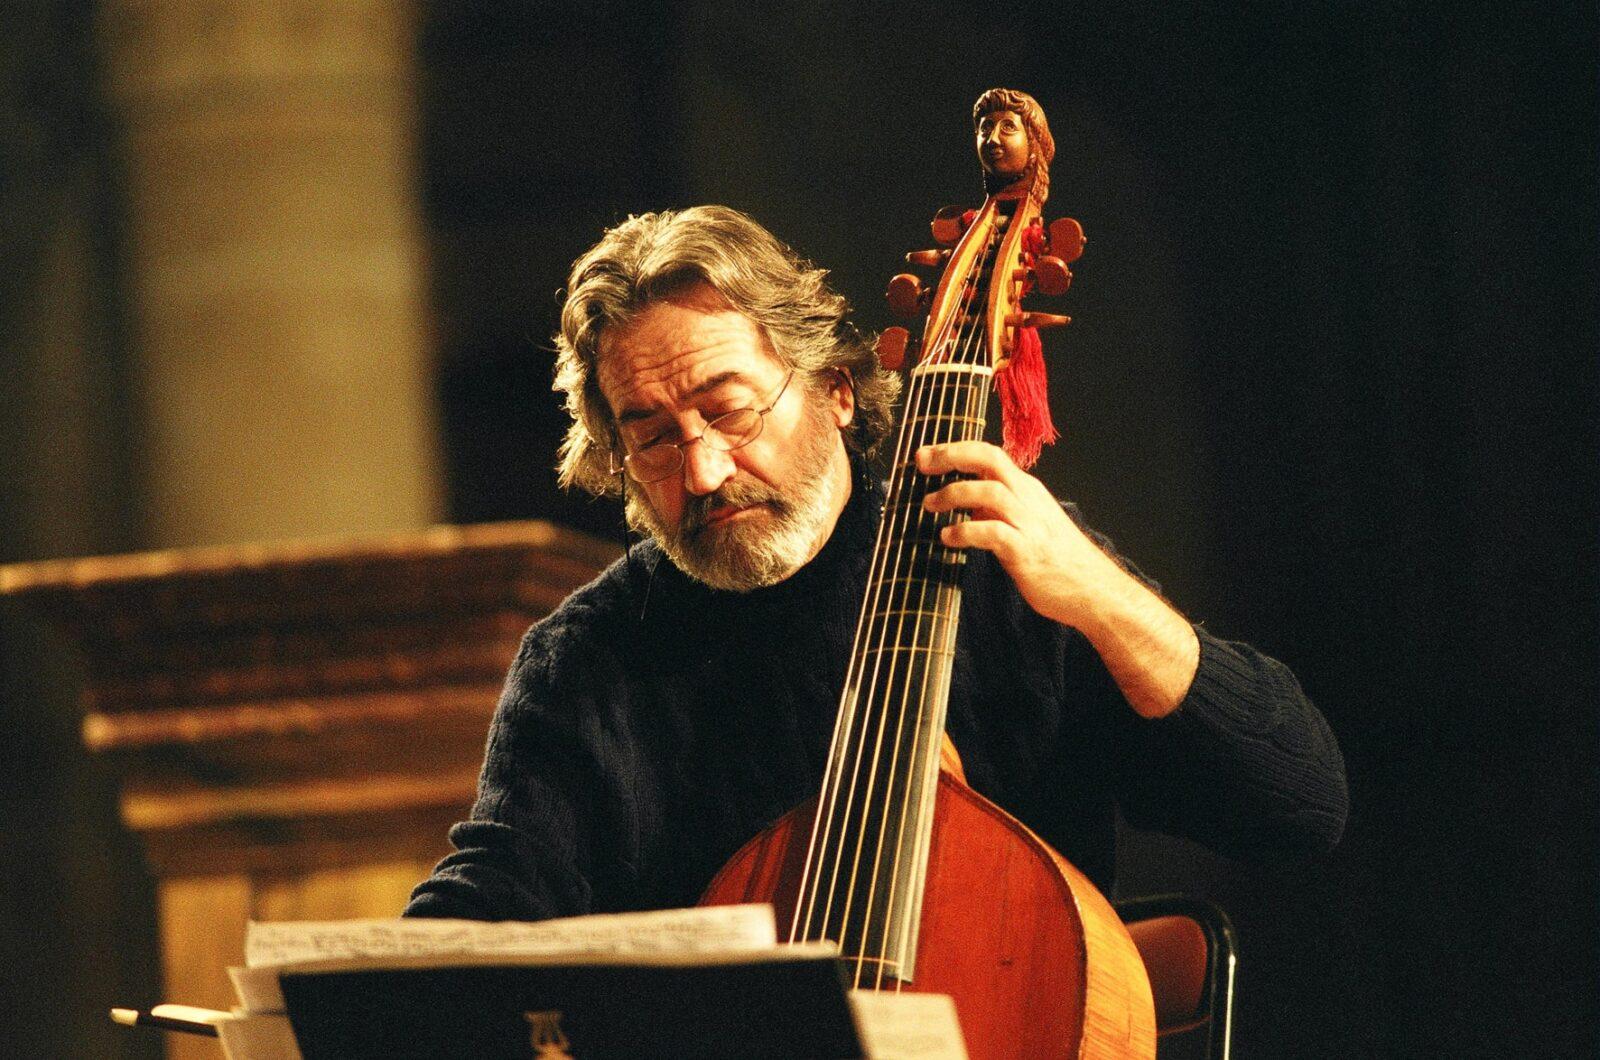 Жорди Саваль: «Купил виолончель, месяца три играл на ней сам, а затем нашел педагога».